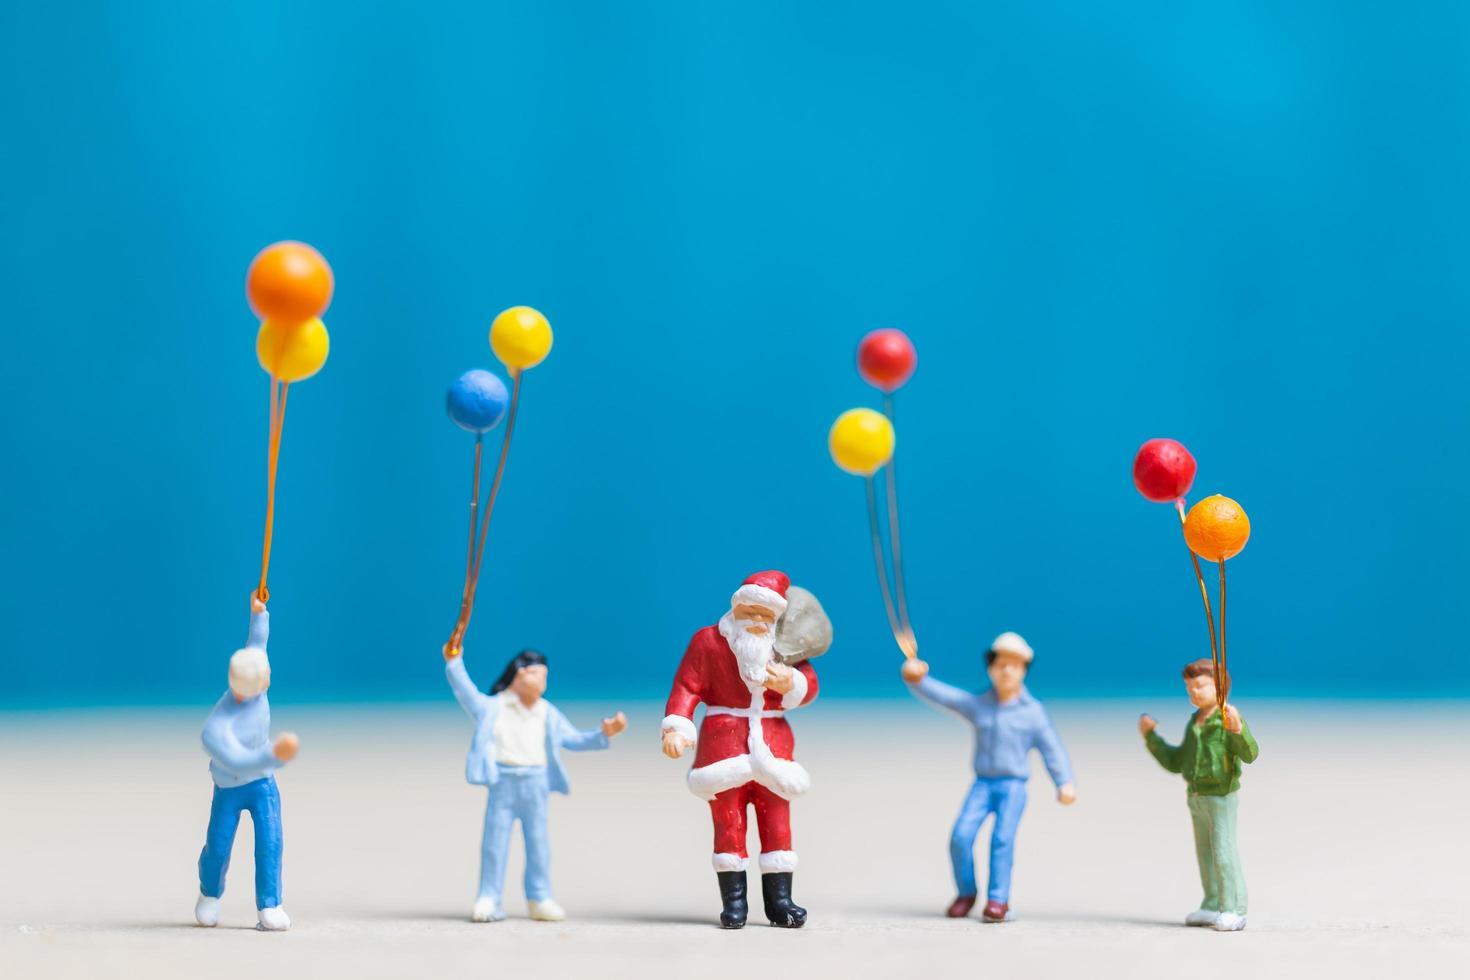 Papá Noel en miniatura y niños sosteniendo globos, feliz navidad y feliz año nuevo concepto foto